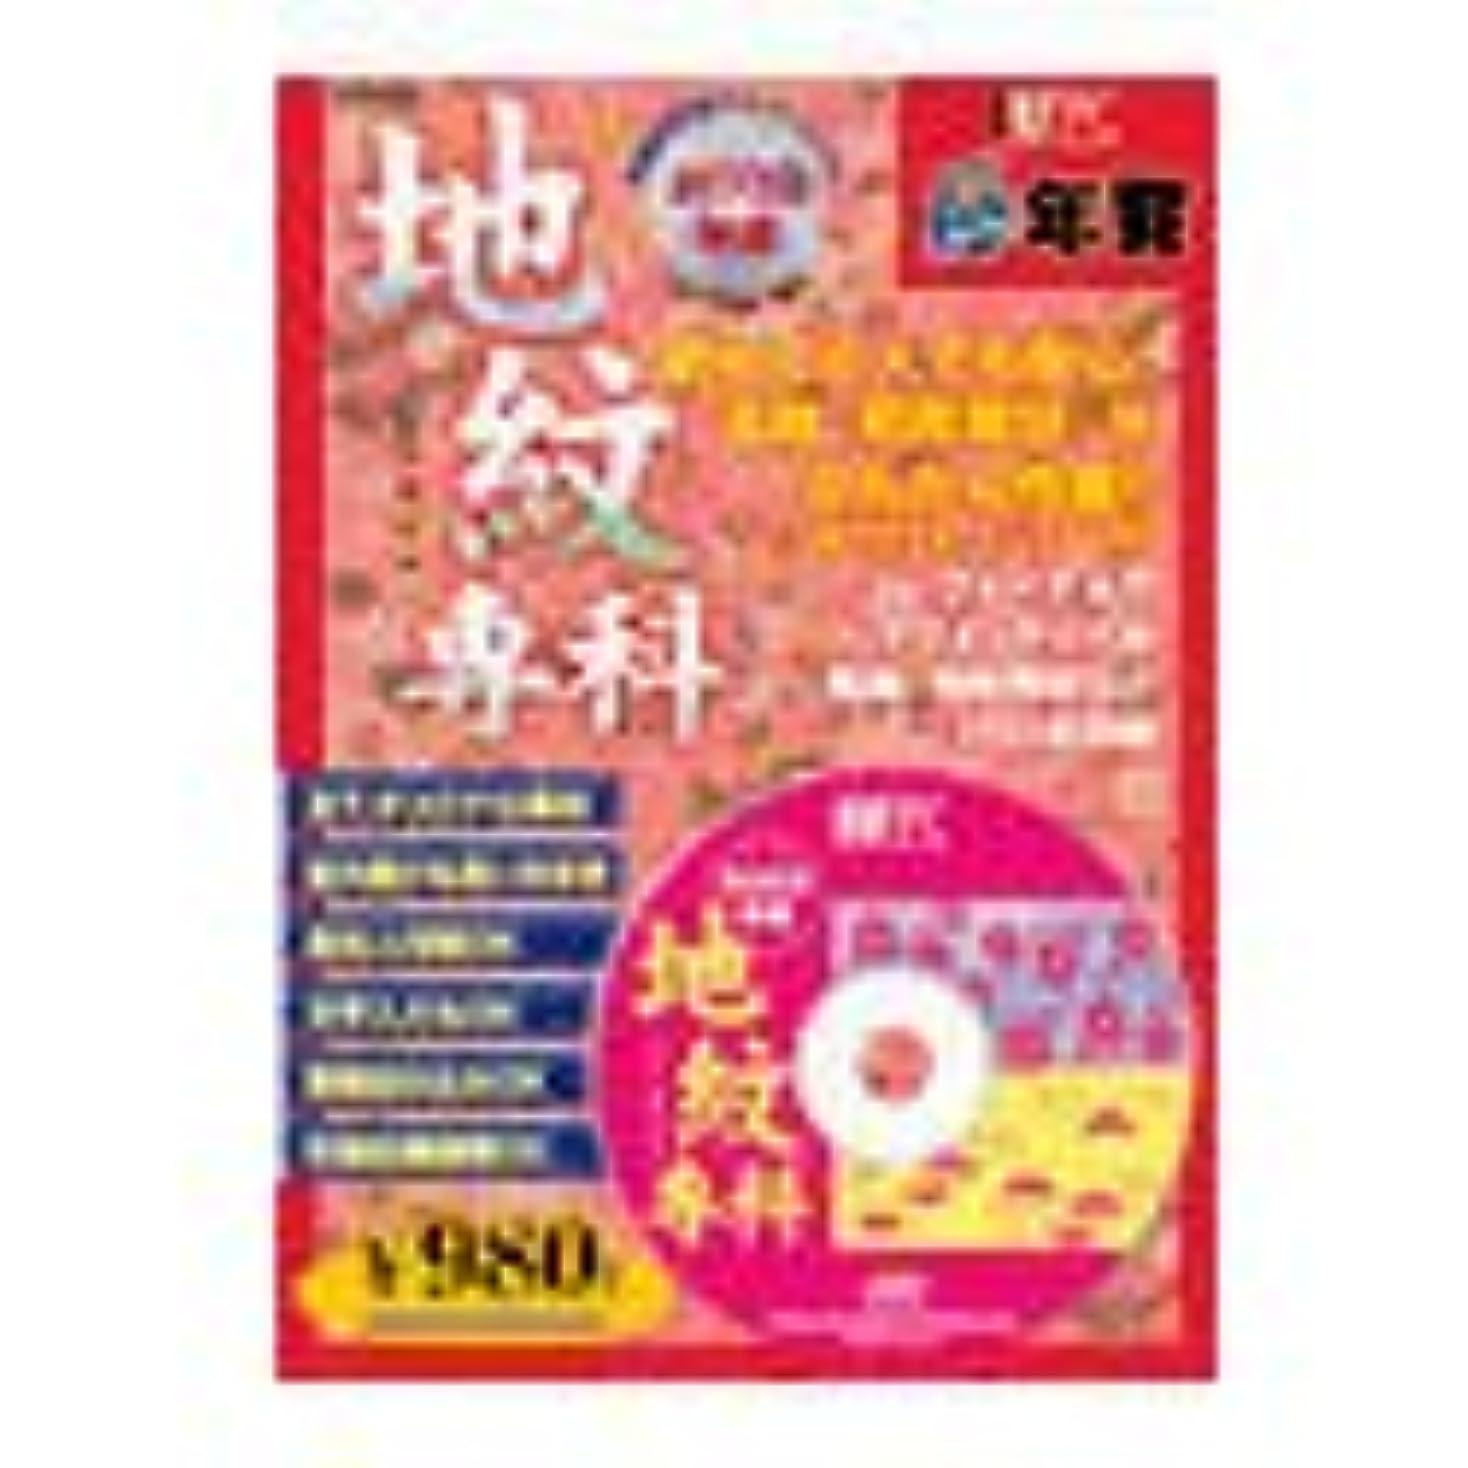 分数取得するカート極年賀シリーズ 地紋専科 2003年版